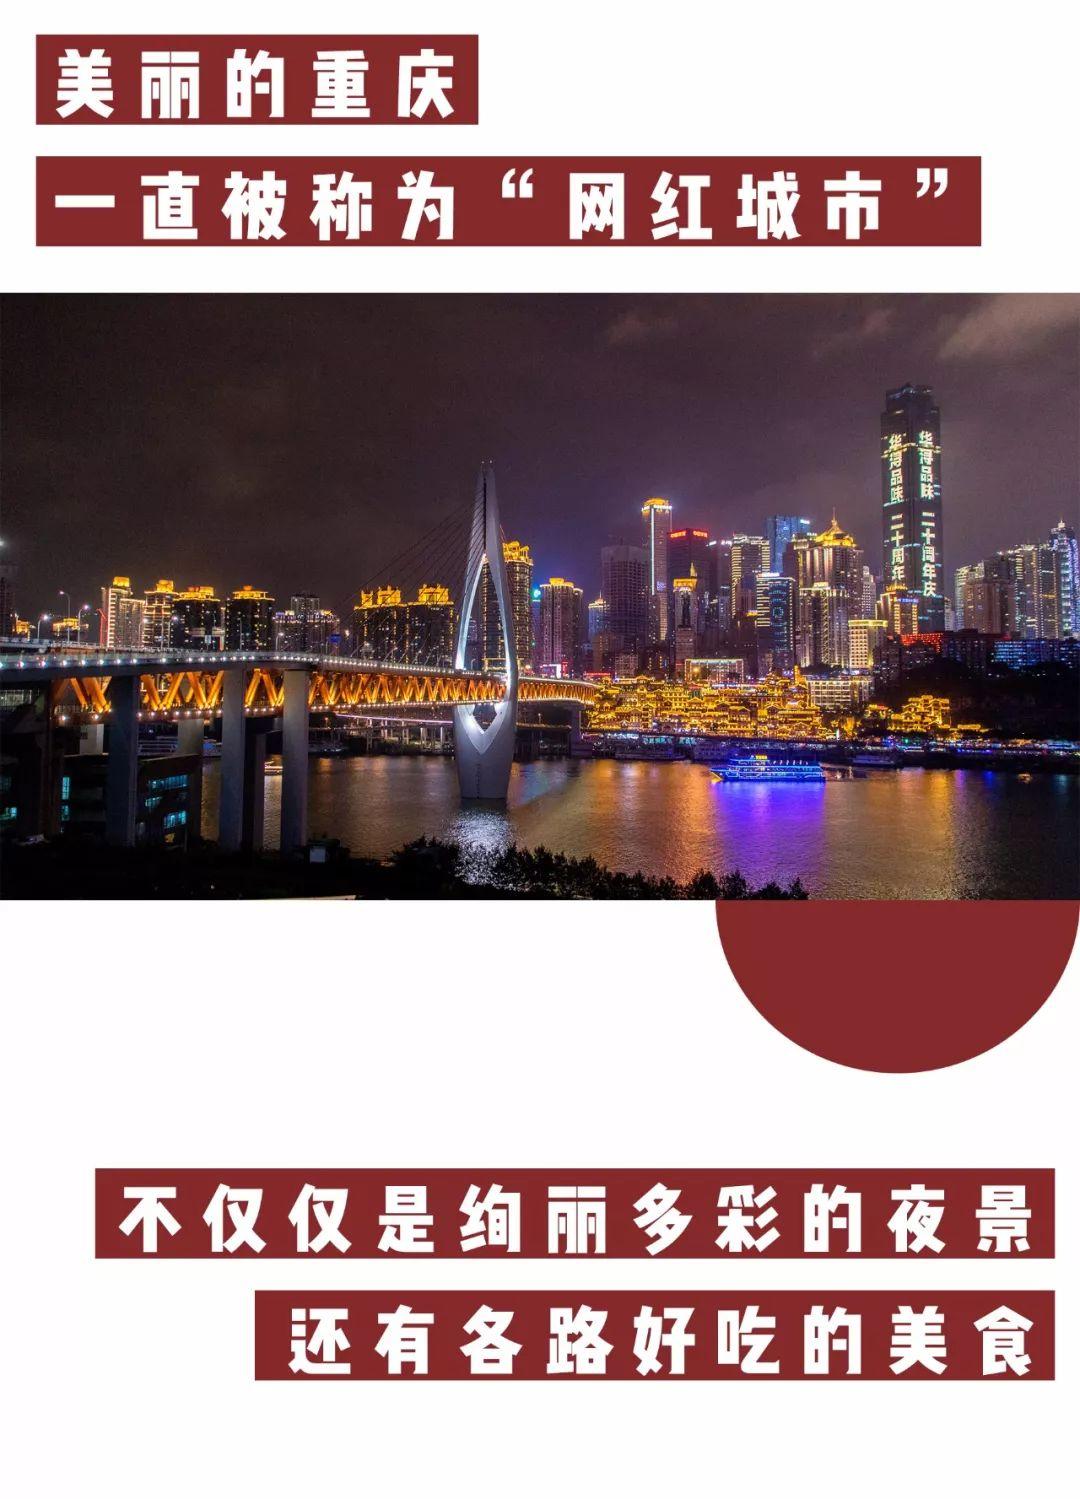 亲测!上海飞重庆,小吃不踩雷手册快点收藏!